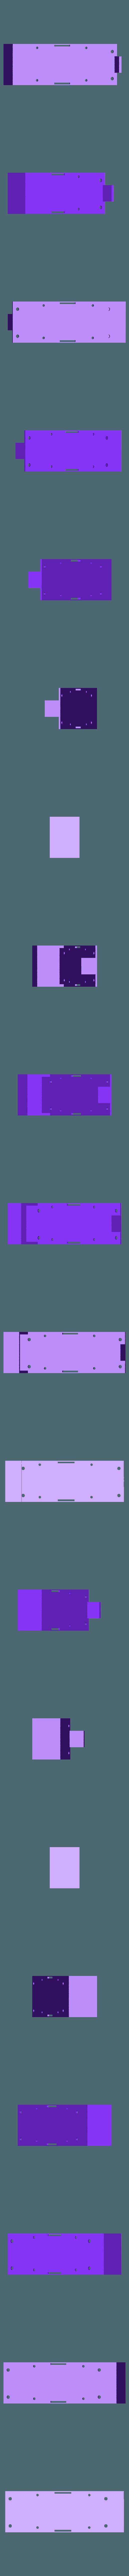 Lipo Holder (2).stl Télécharger fichier STL gratuit Porte-batterie Lipo Flamewheel f450 • Design pour impression 3D, TommyG